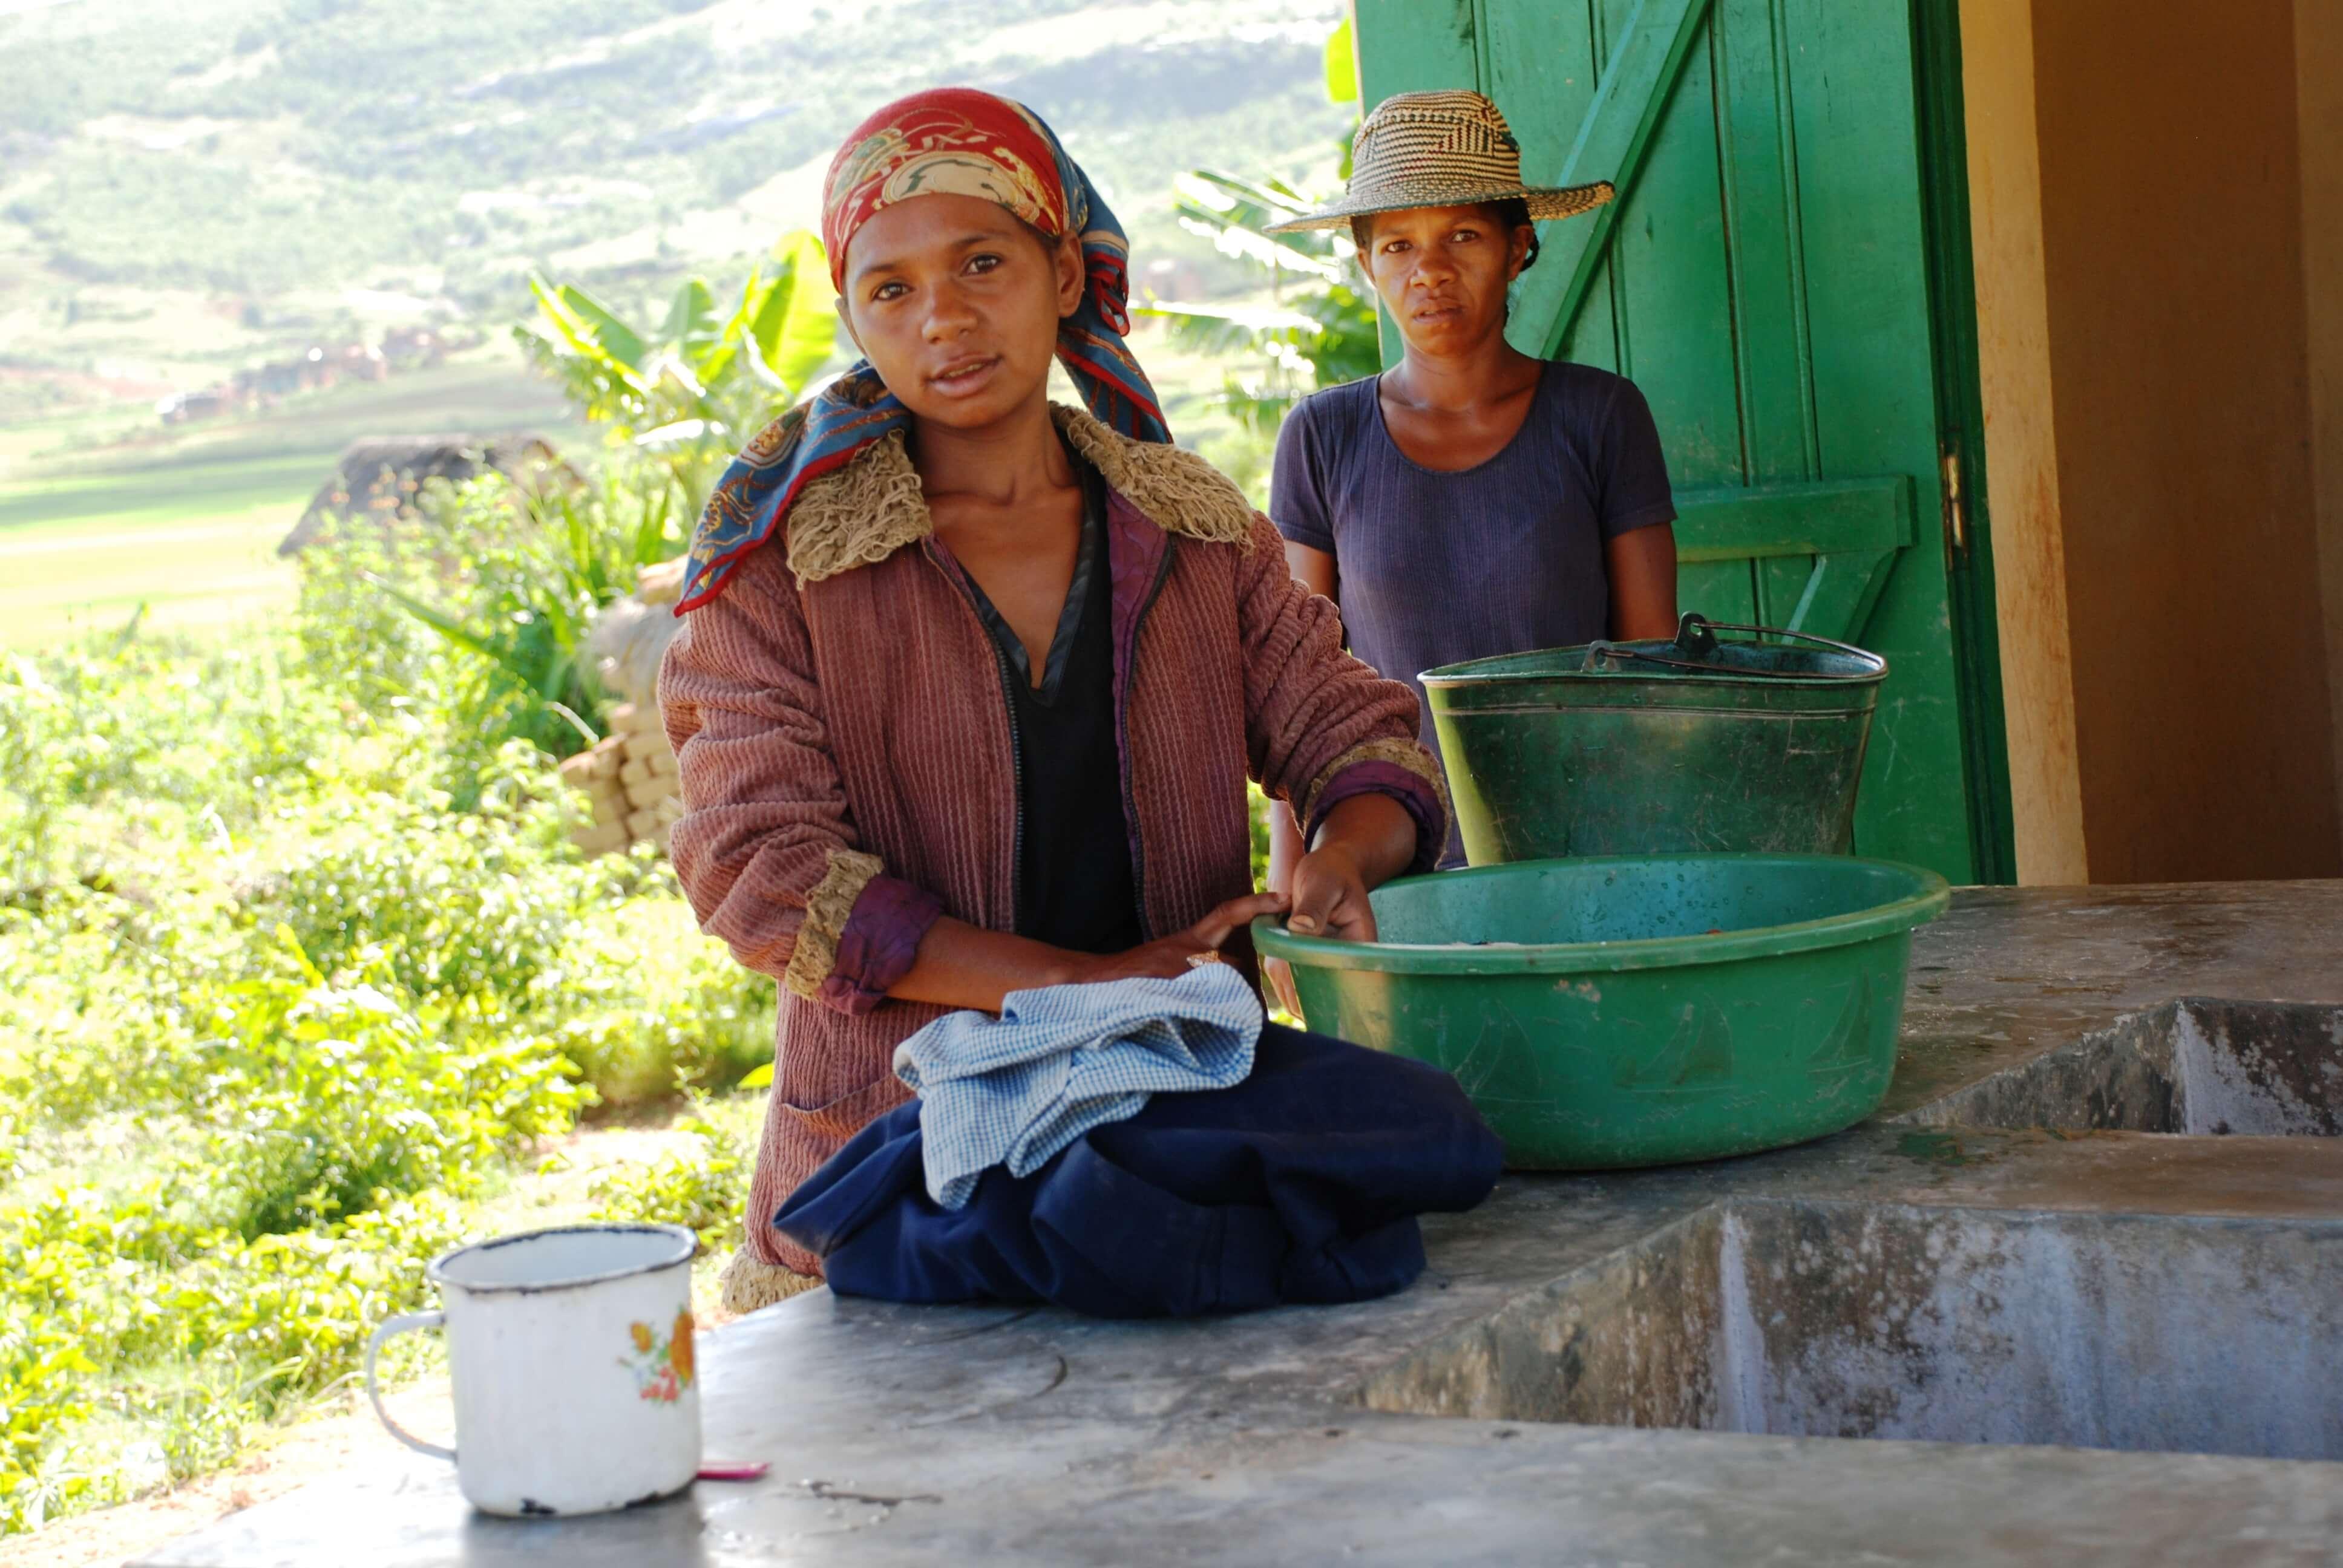 jeune fille faisant la lessive dans le nouveau lavoir